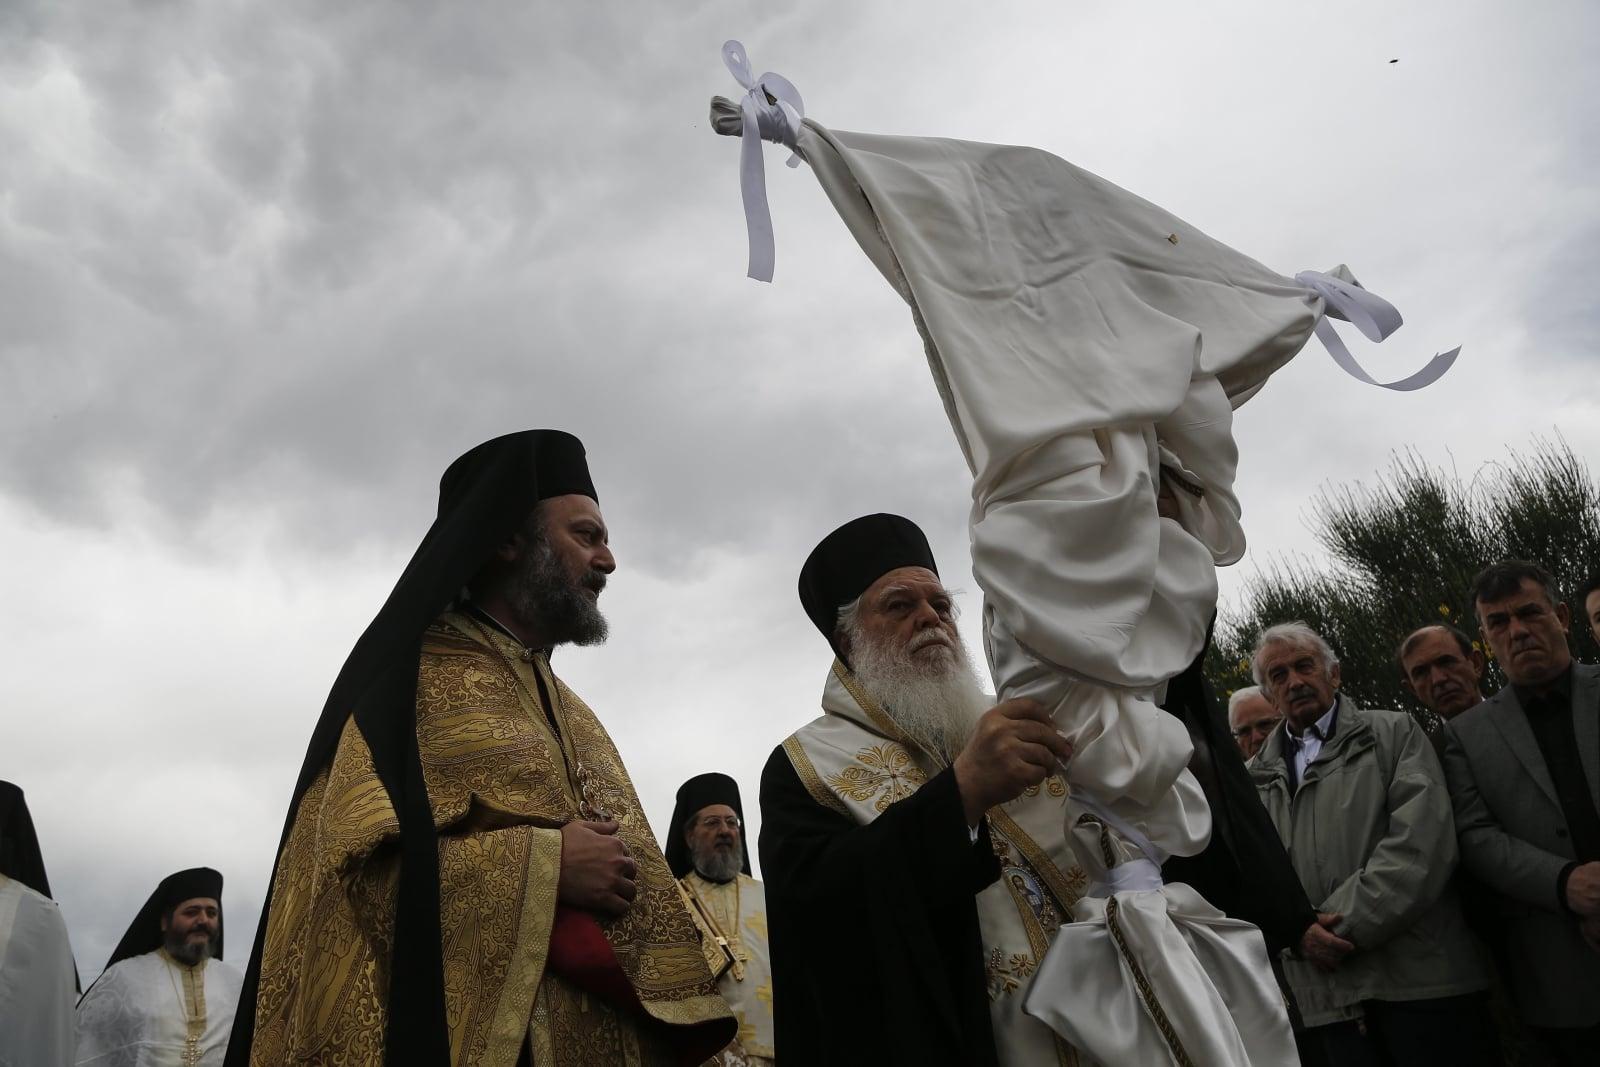 Wielki Piątek w Kościołach Wschodnich  EPA/YANNIS KOLESIDIS